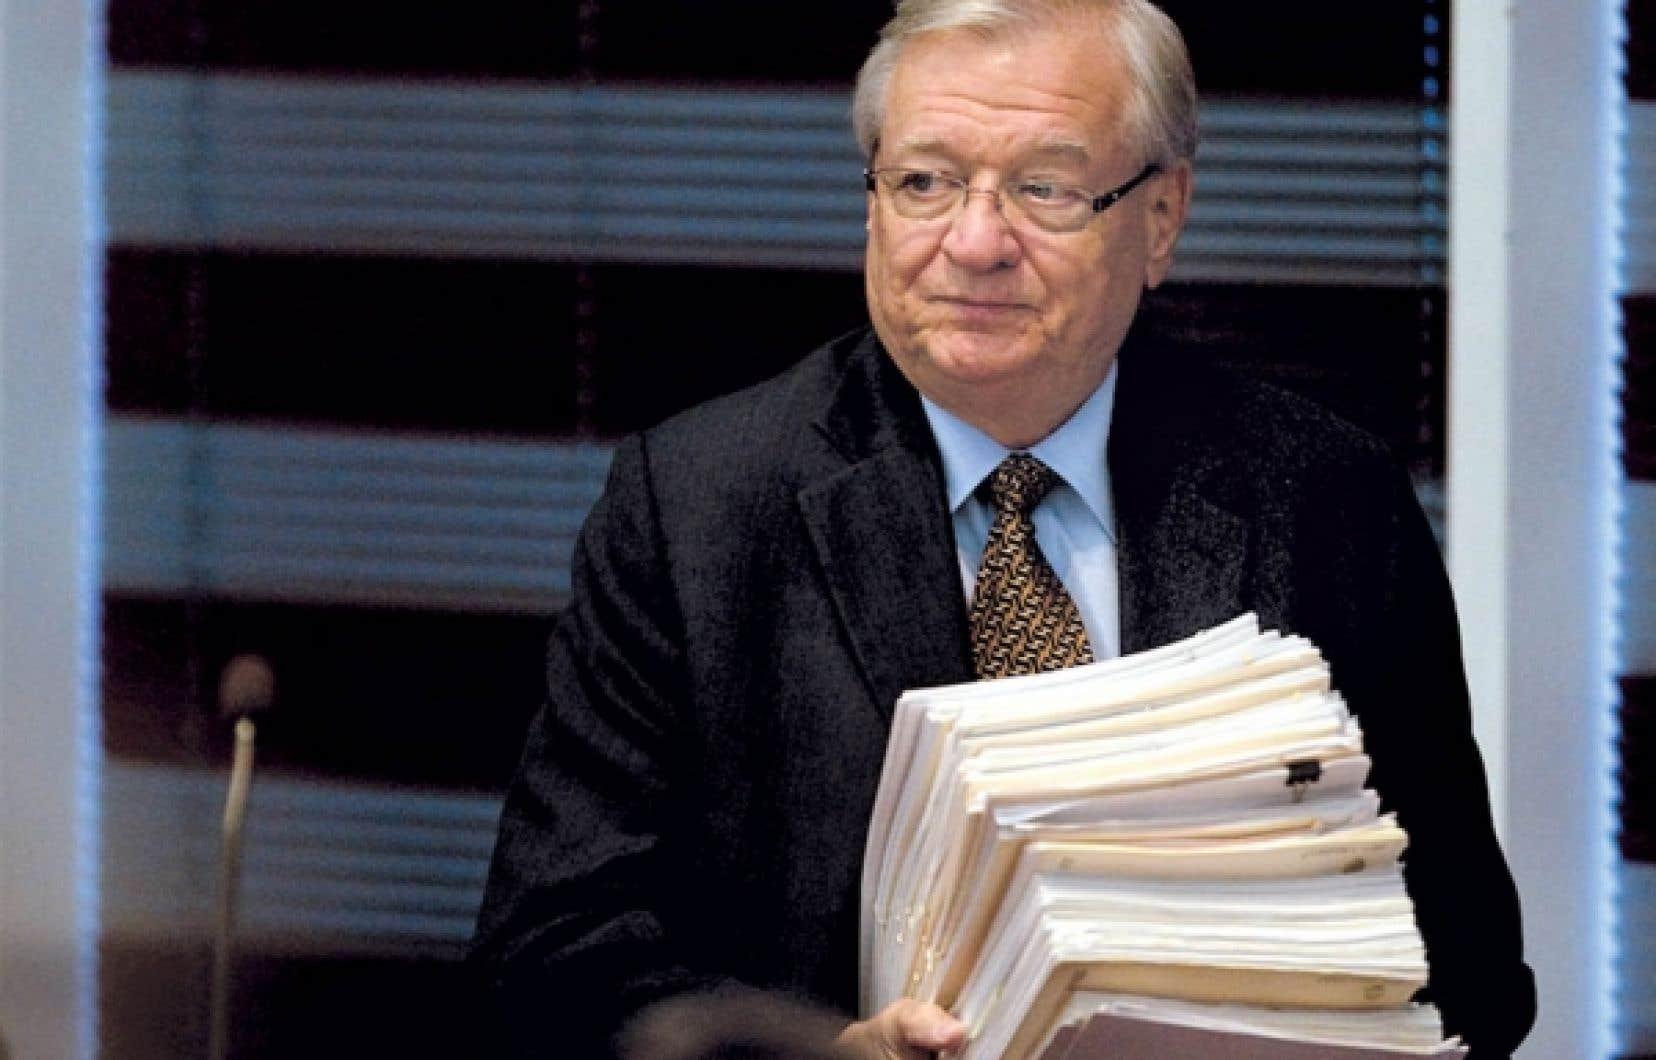 Depuis 2005, les contribuables lavallois paient donc, sans le savoir, pour l'interprétation libérale que fait le chef du PRO des Lavallois, Gilles Vaillancourt, des dispositions de la loi ainsi que du règlement municipal (L-6074) précisant ce qu'est le travail de recherche et de secrétariat.